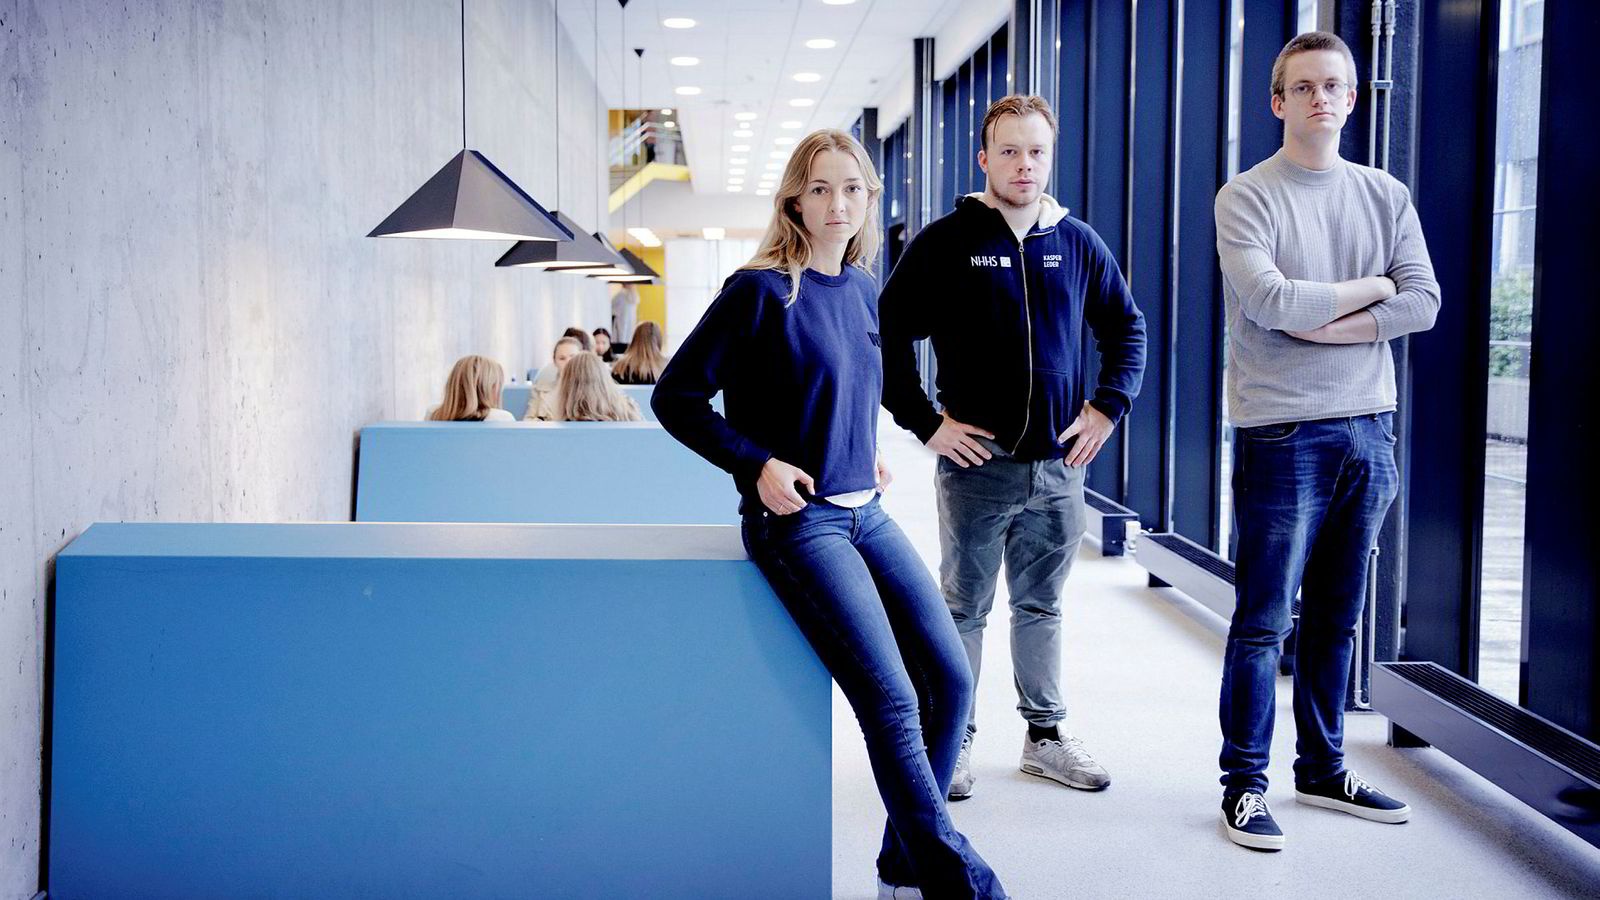 NHH-studenter reagerer på at praksisen for videoforelesninger er endret uten at de fikk beskjed. Fra venstre: Pia Berg, Kasper Lie Asdal og Jonas Personbråten Ludvigsen.